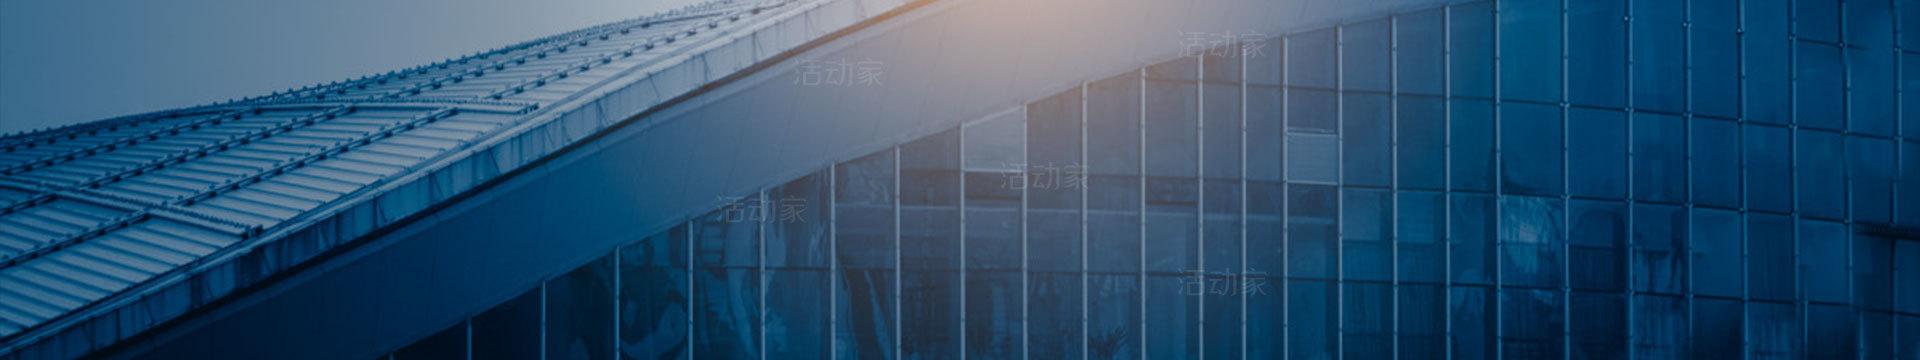 2019特殊市场环境下的客户关系与客户服务管理培训班(3月深圳)